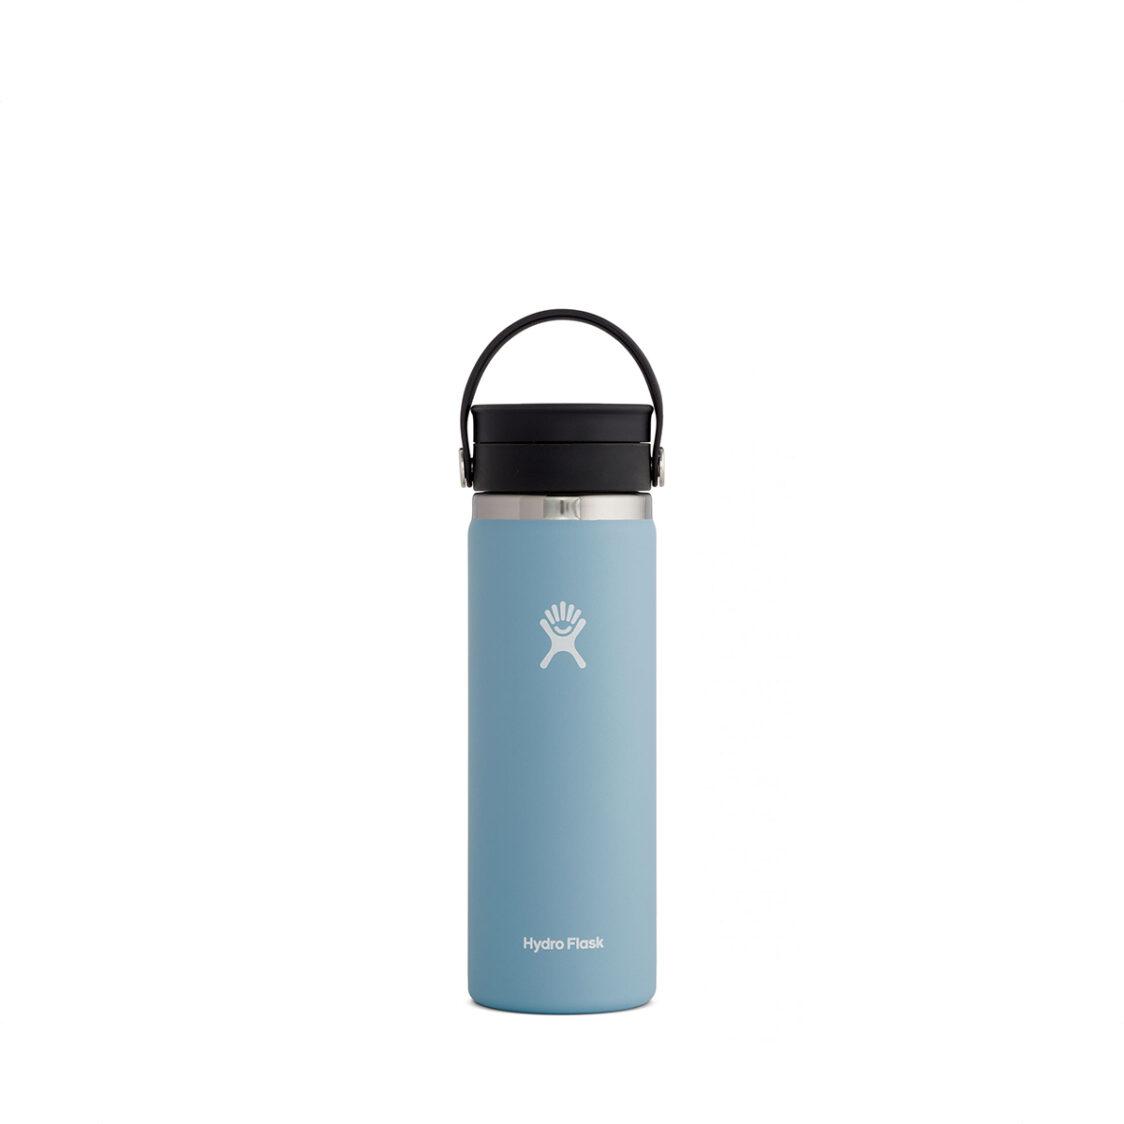 Hydro Flask Wide Mouth Flex Sip Lid 20oz Rain